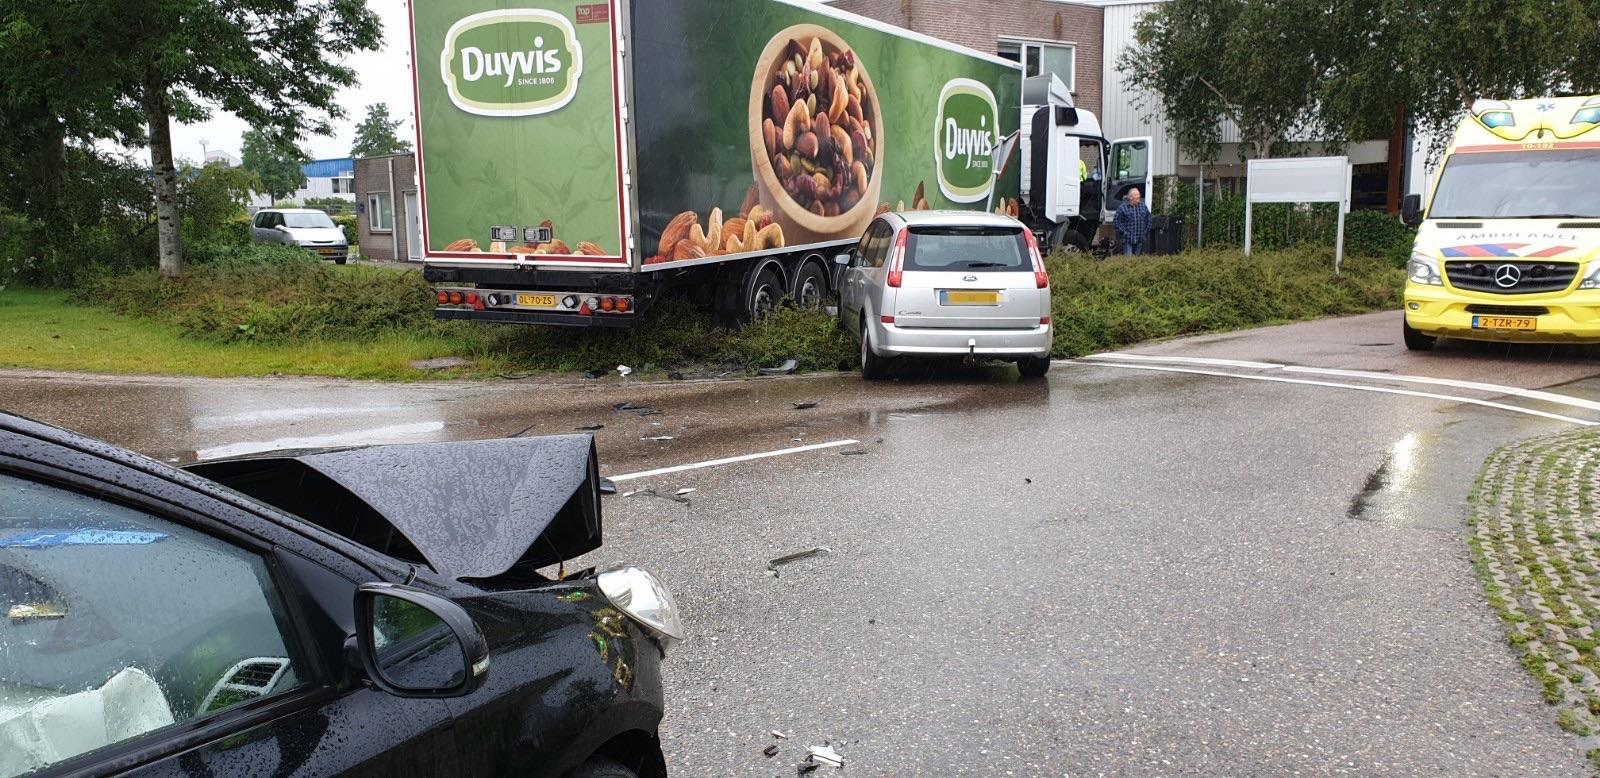 Gewonde en veel schade bij ongeval met vrachtwagen in Broek op Langedijk